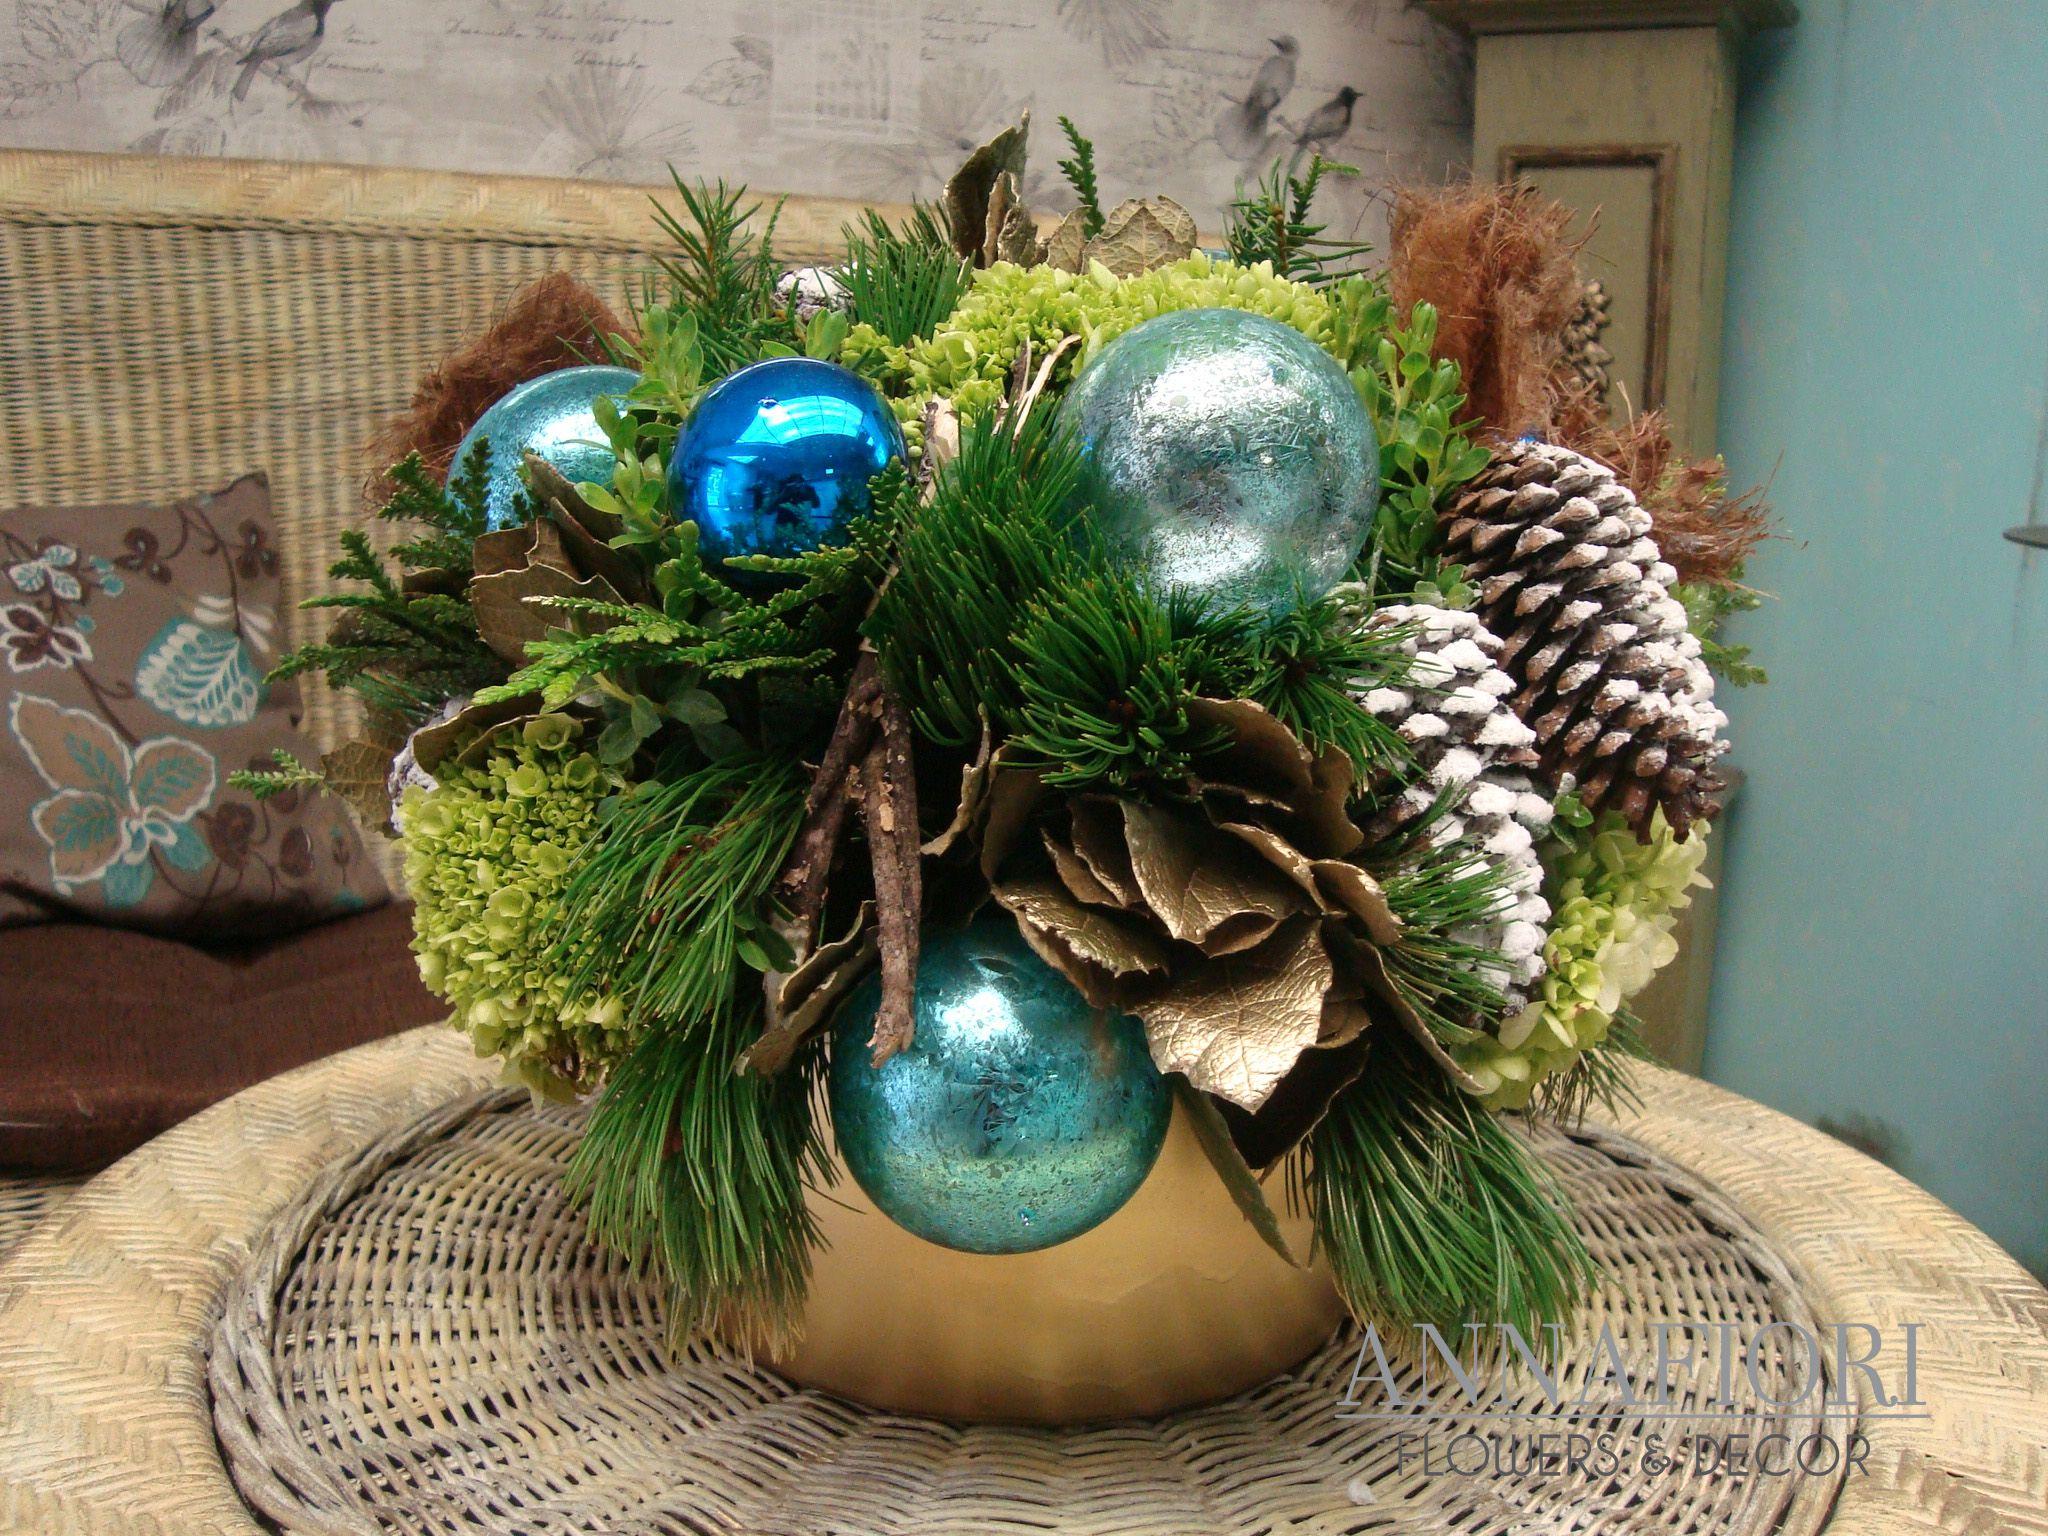 Arreglo floral centro de mesa navide o dorado con azul for Arreglos navidenos para mesa